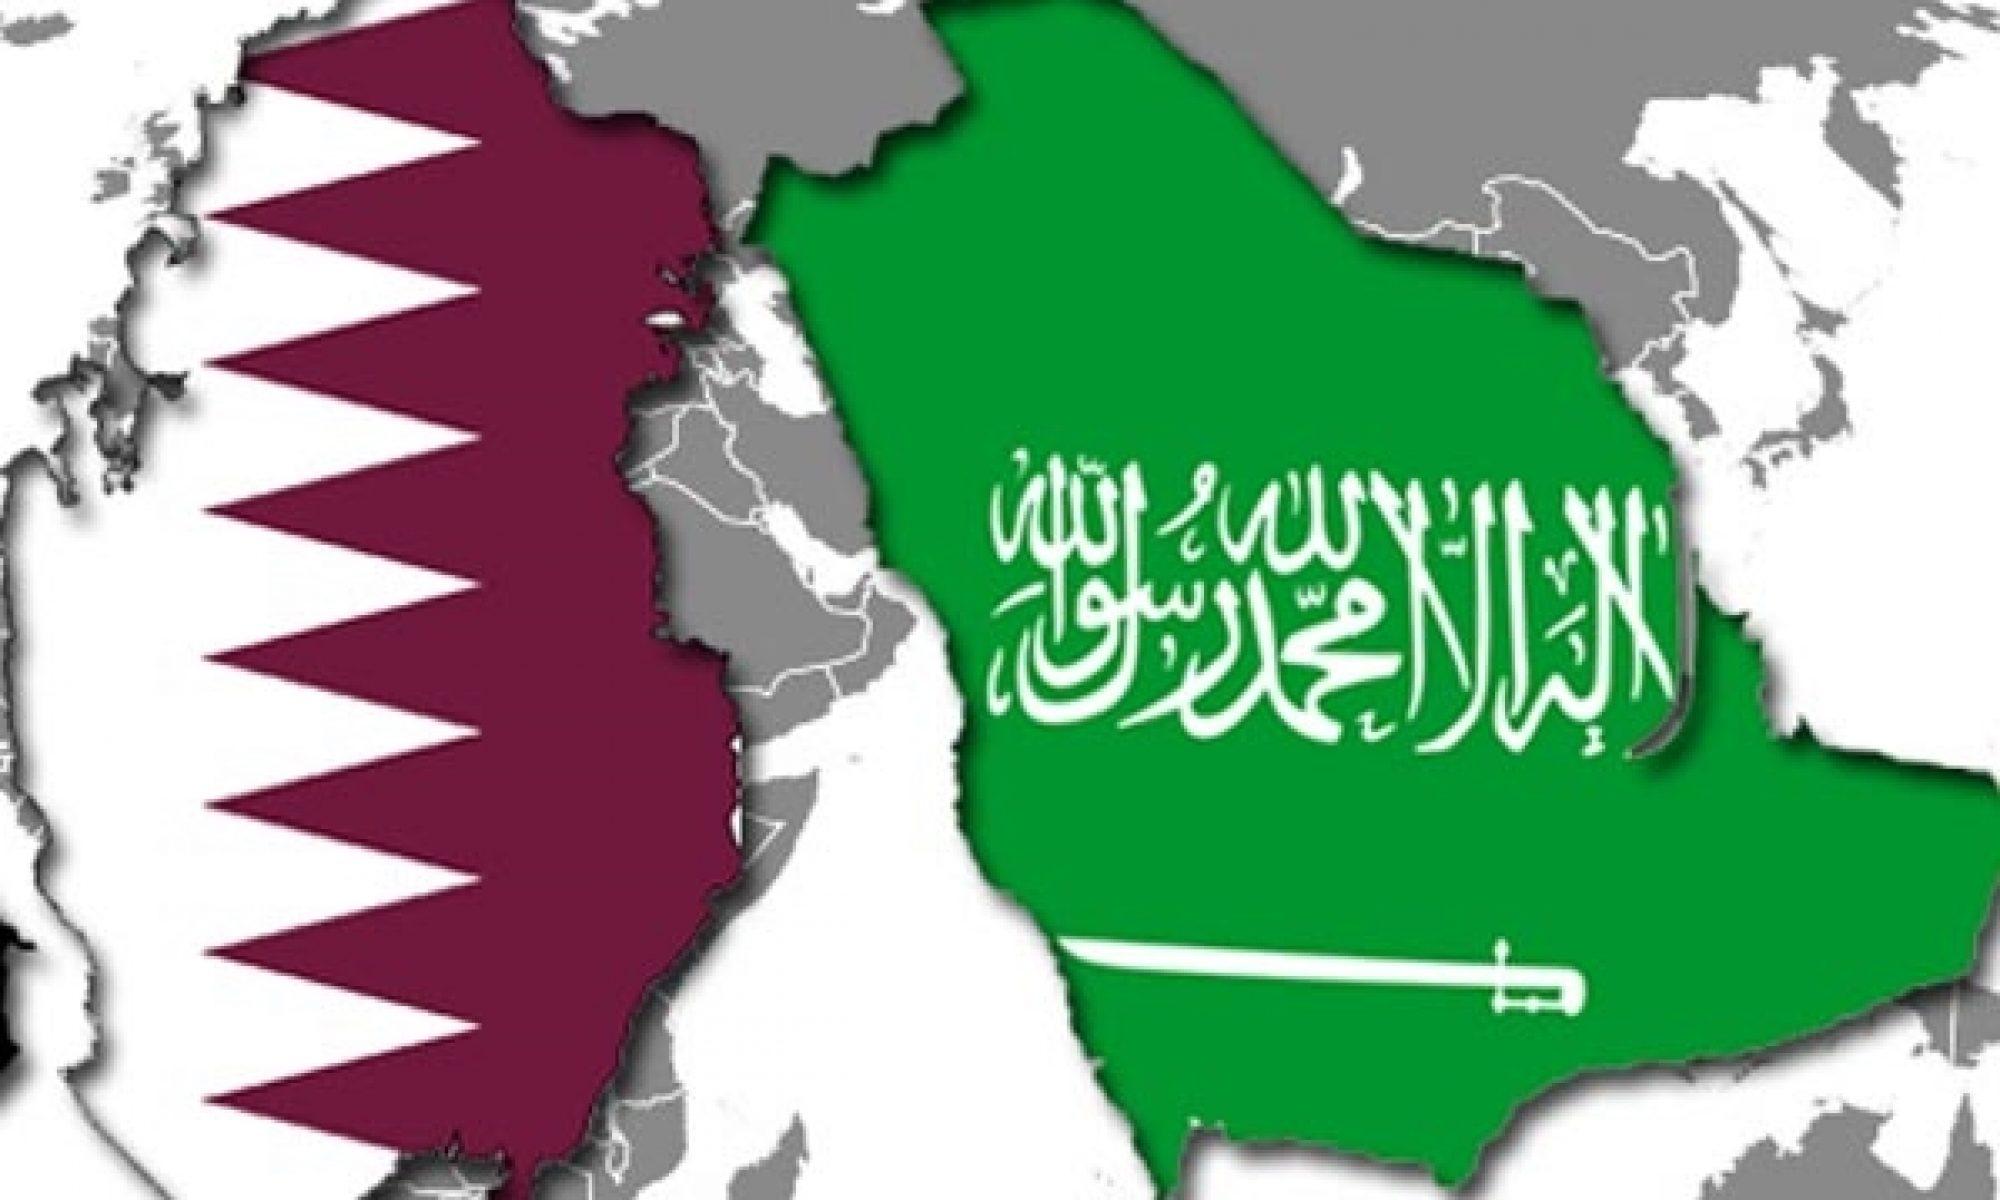 Katar ve Suudi Arabistan arasında buzlar çözülüyor, yakın zamanda anlaşma olabilir